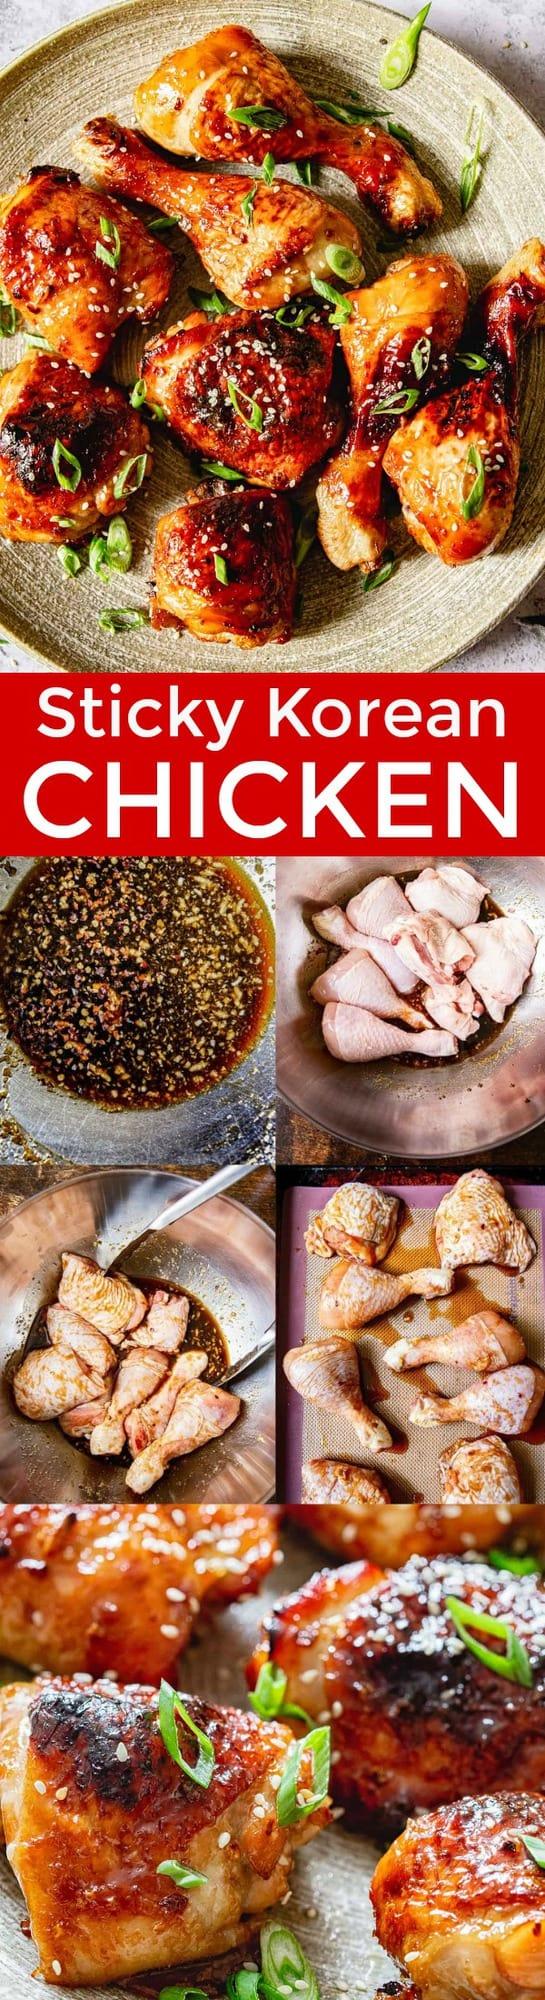 Sticky Mix Master : sticky, master, Sticky, Korean, Chicken, NatashasKitchen.com